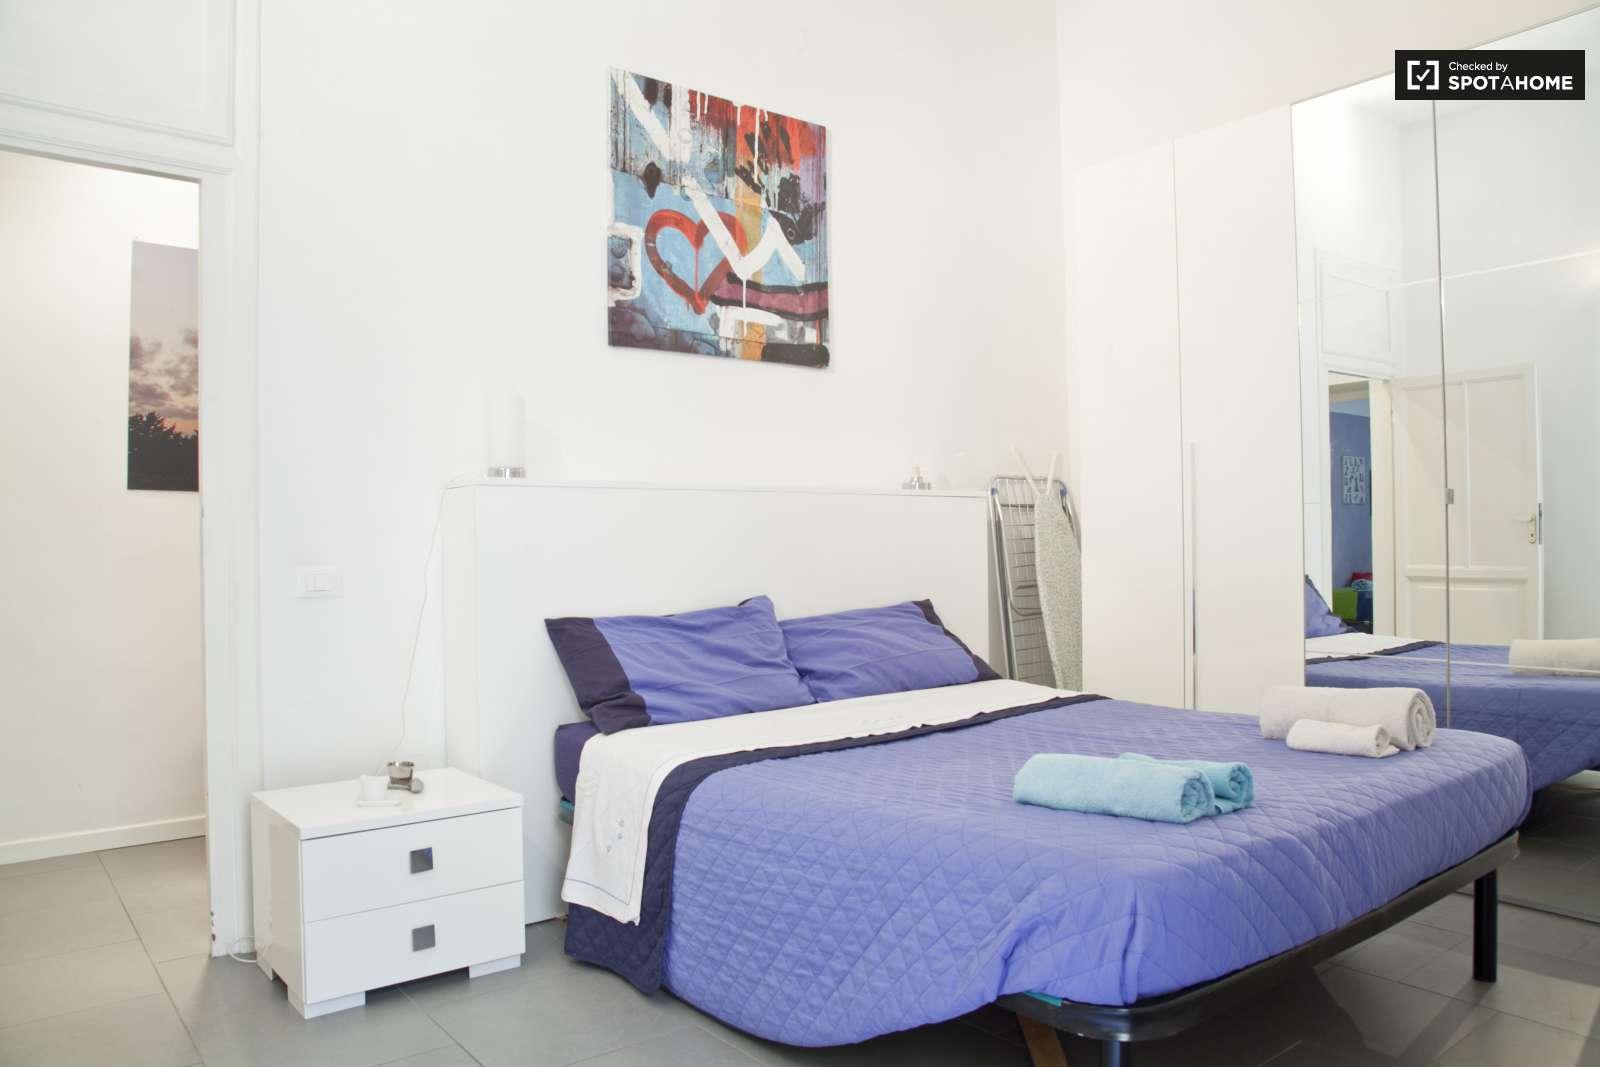 Disegno Idea appartamento 2 camere da letto torino massima qualità foto : Spazioso appartamento con 2 camere da letto in affitto - Termini ...